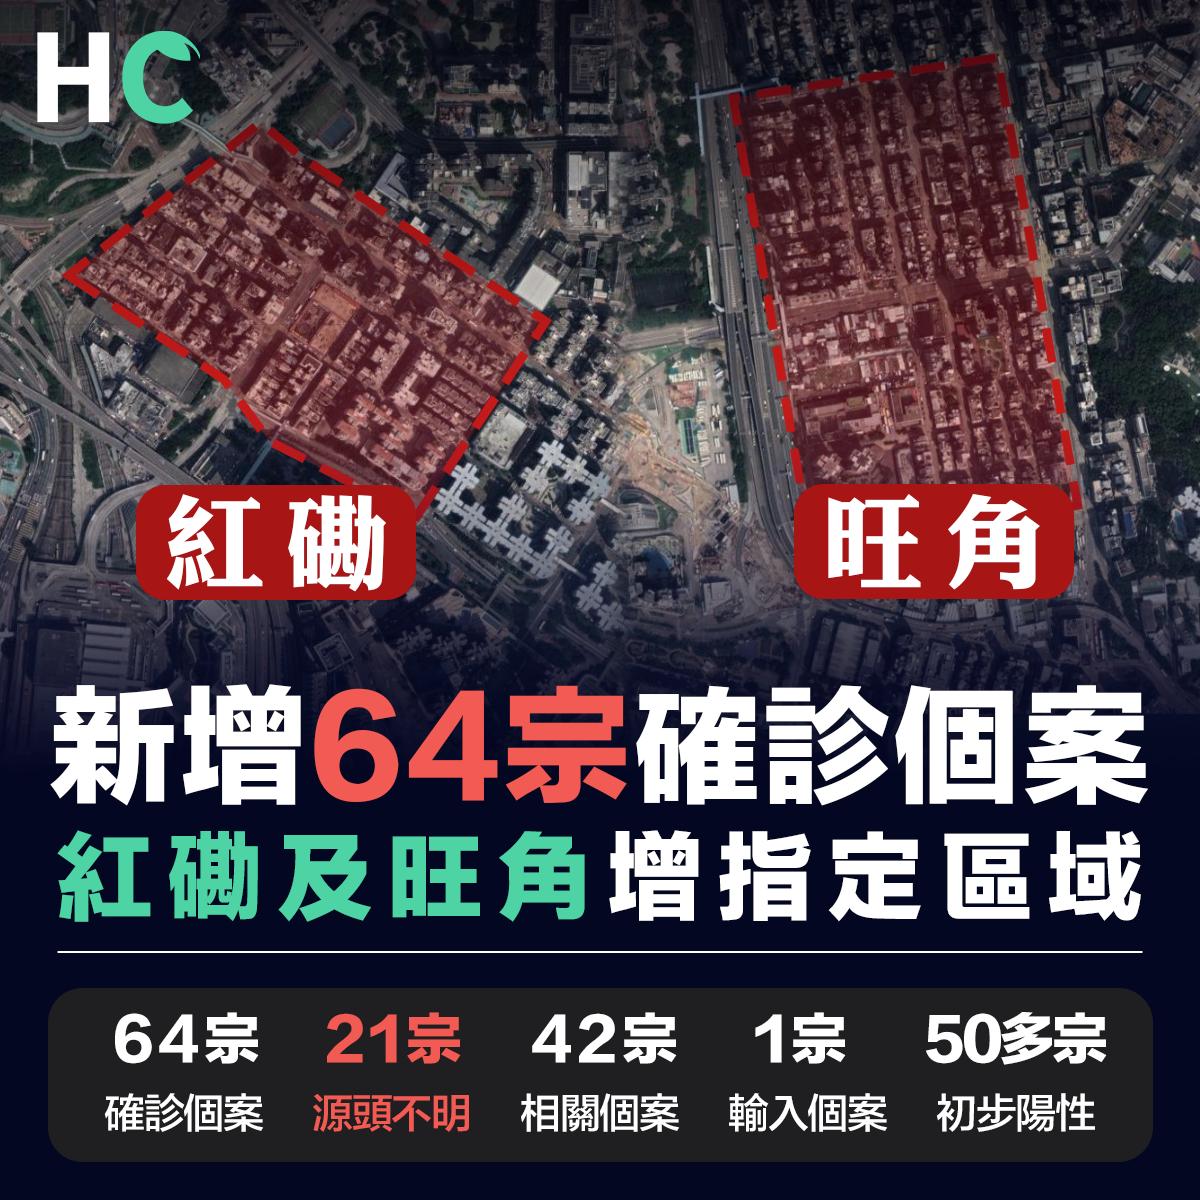 新增64宗確診個案 紅磡及旺角增指定區域